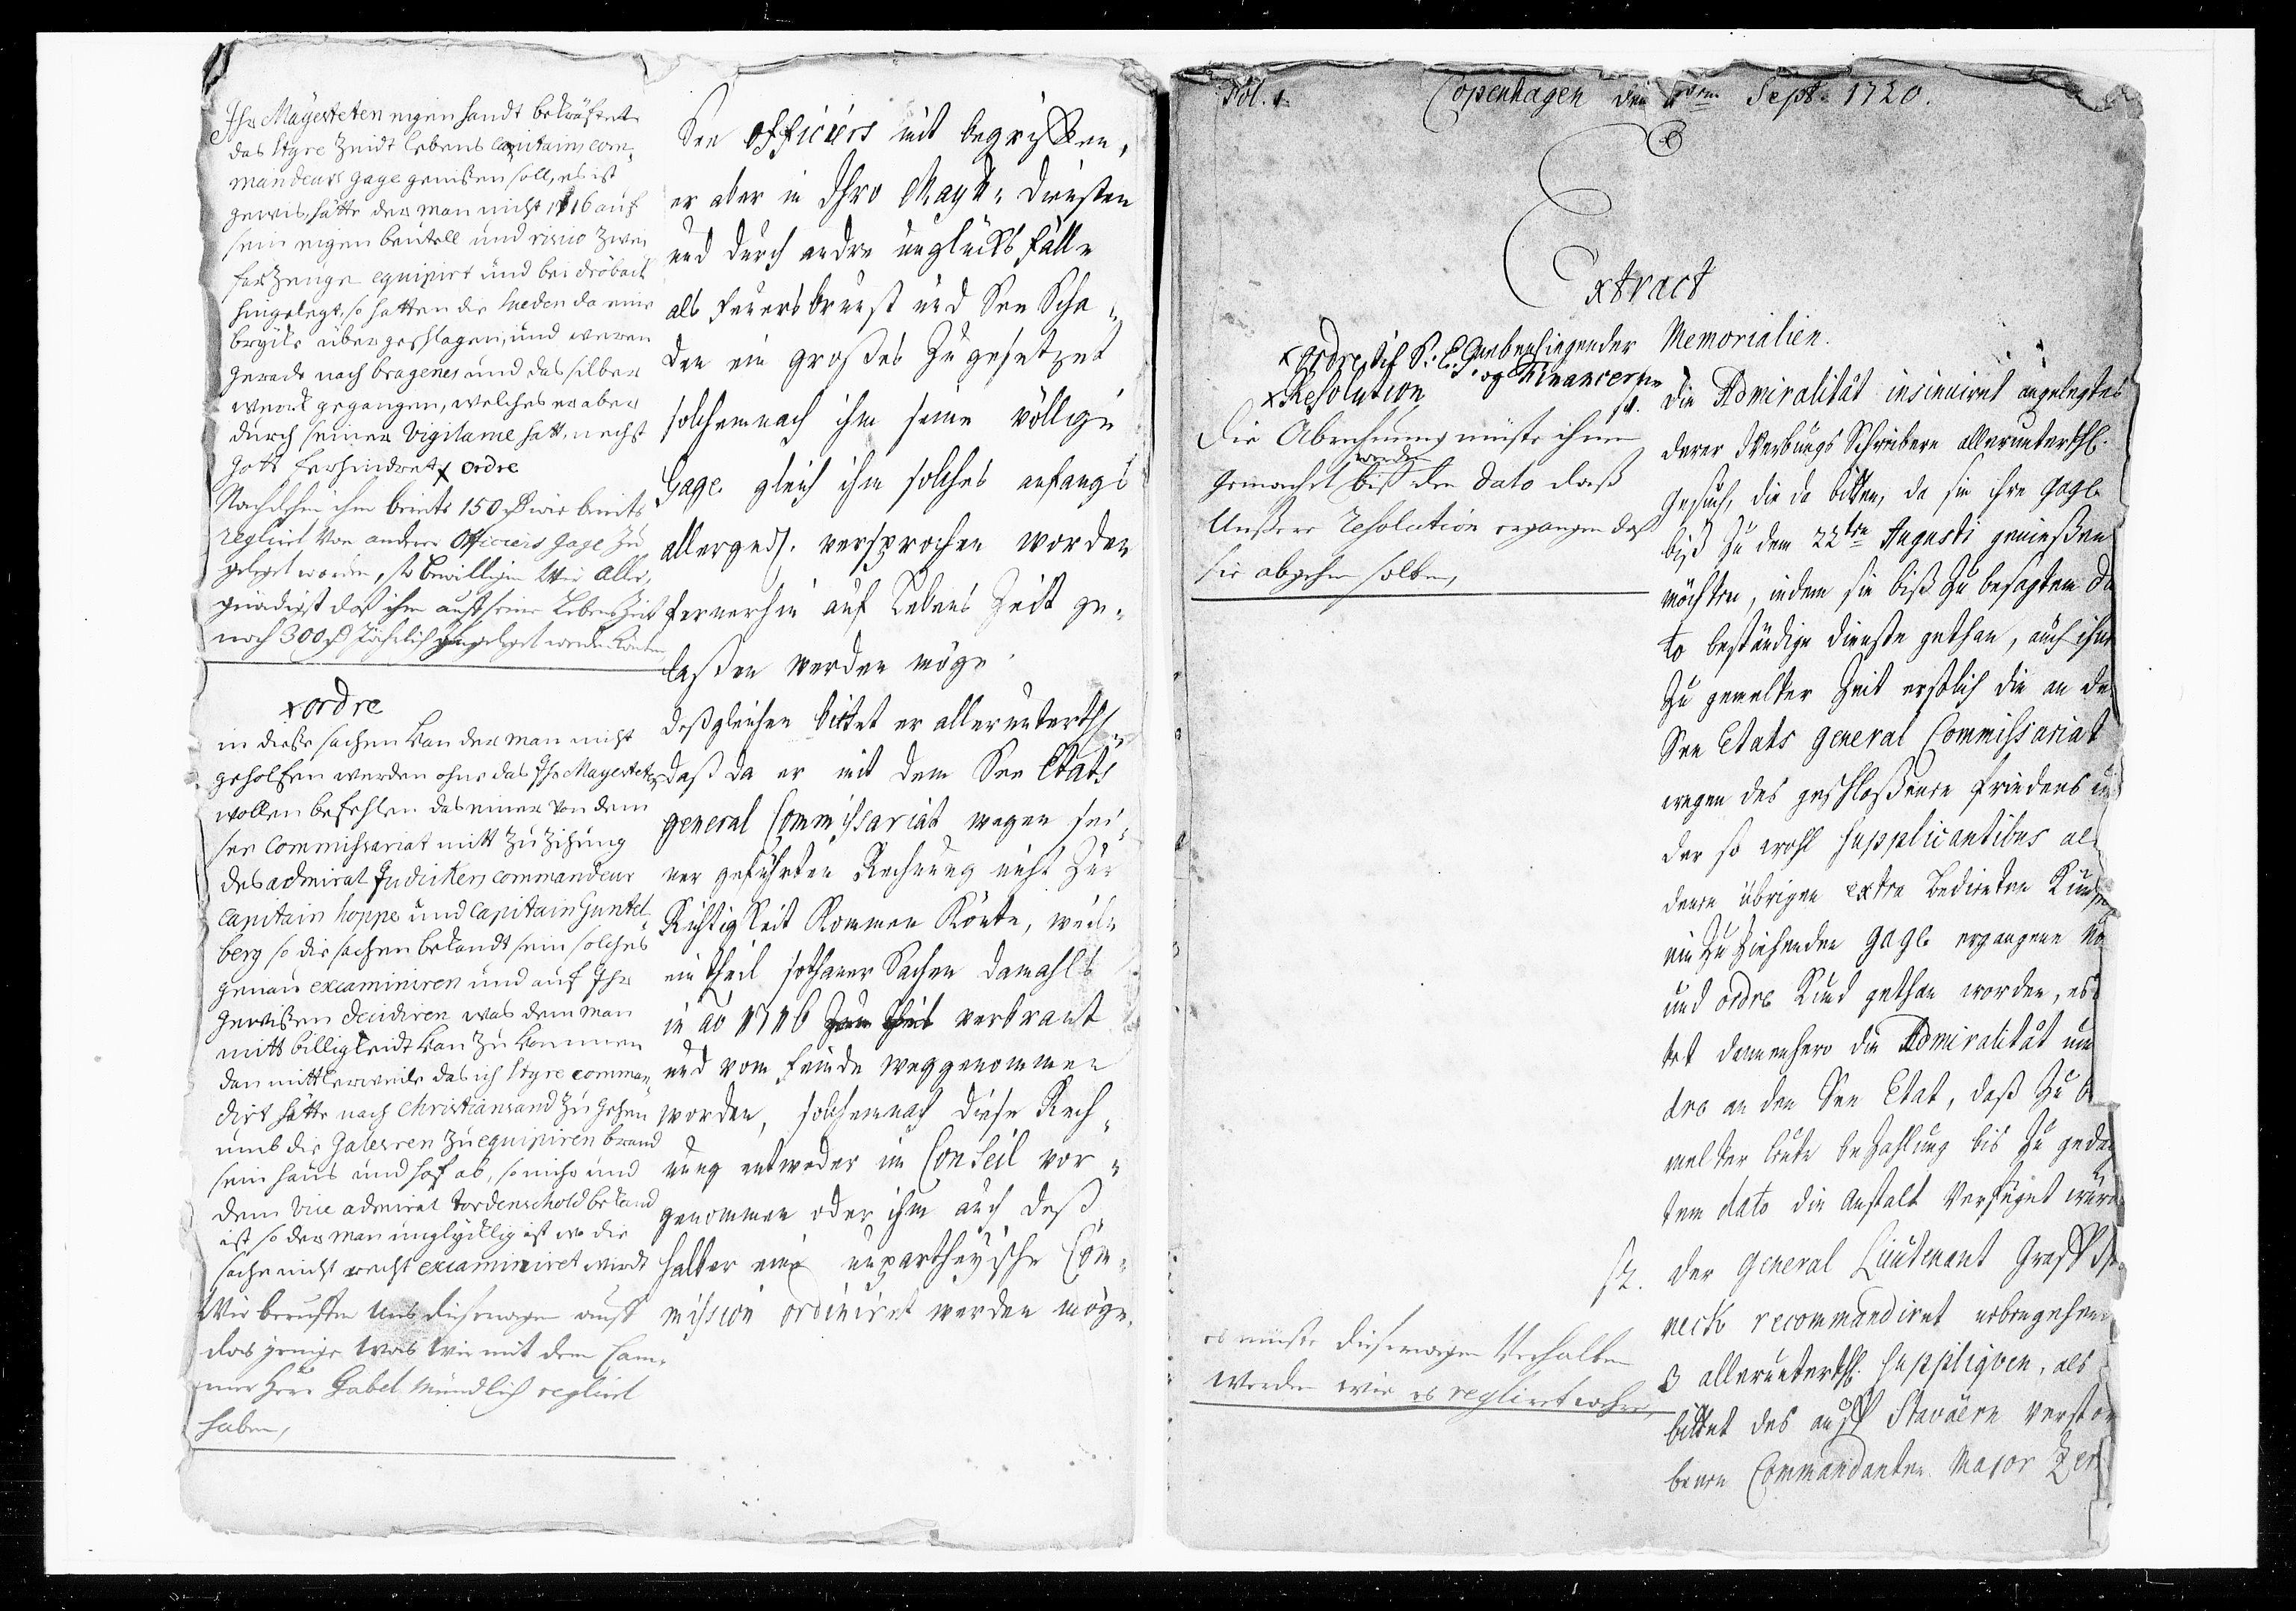 DRA, Krigskollegiet, Krigskancelliet, -/1057-1060: Refererede sager, 1720, s. 269